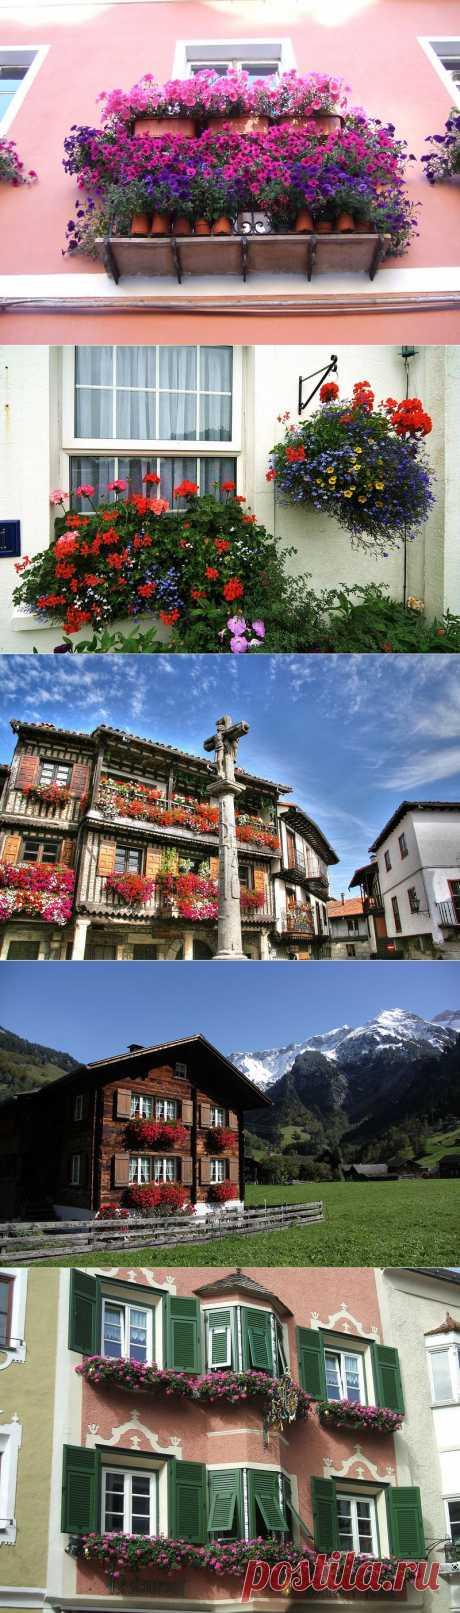 Цветочные балконы и окна | Наш уютный дом